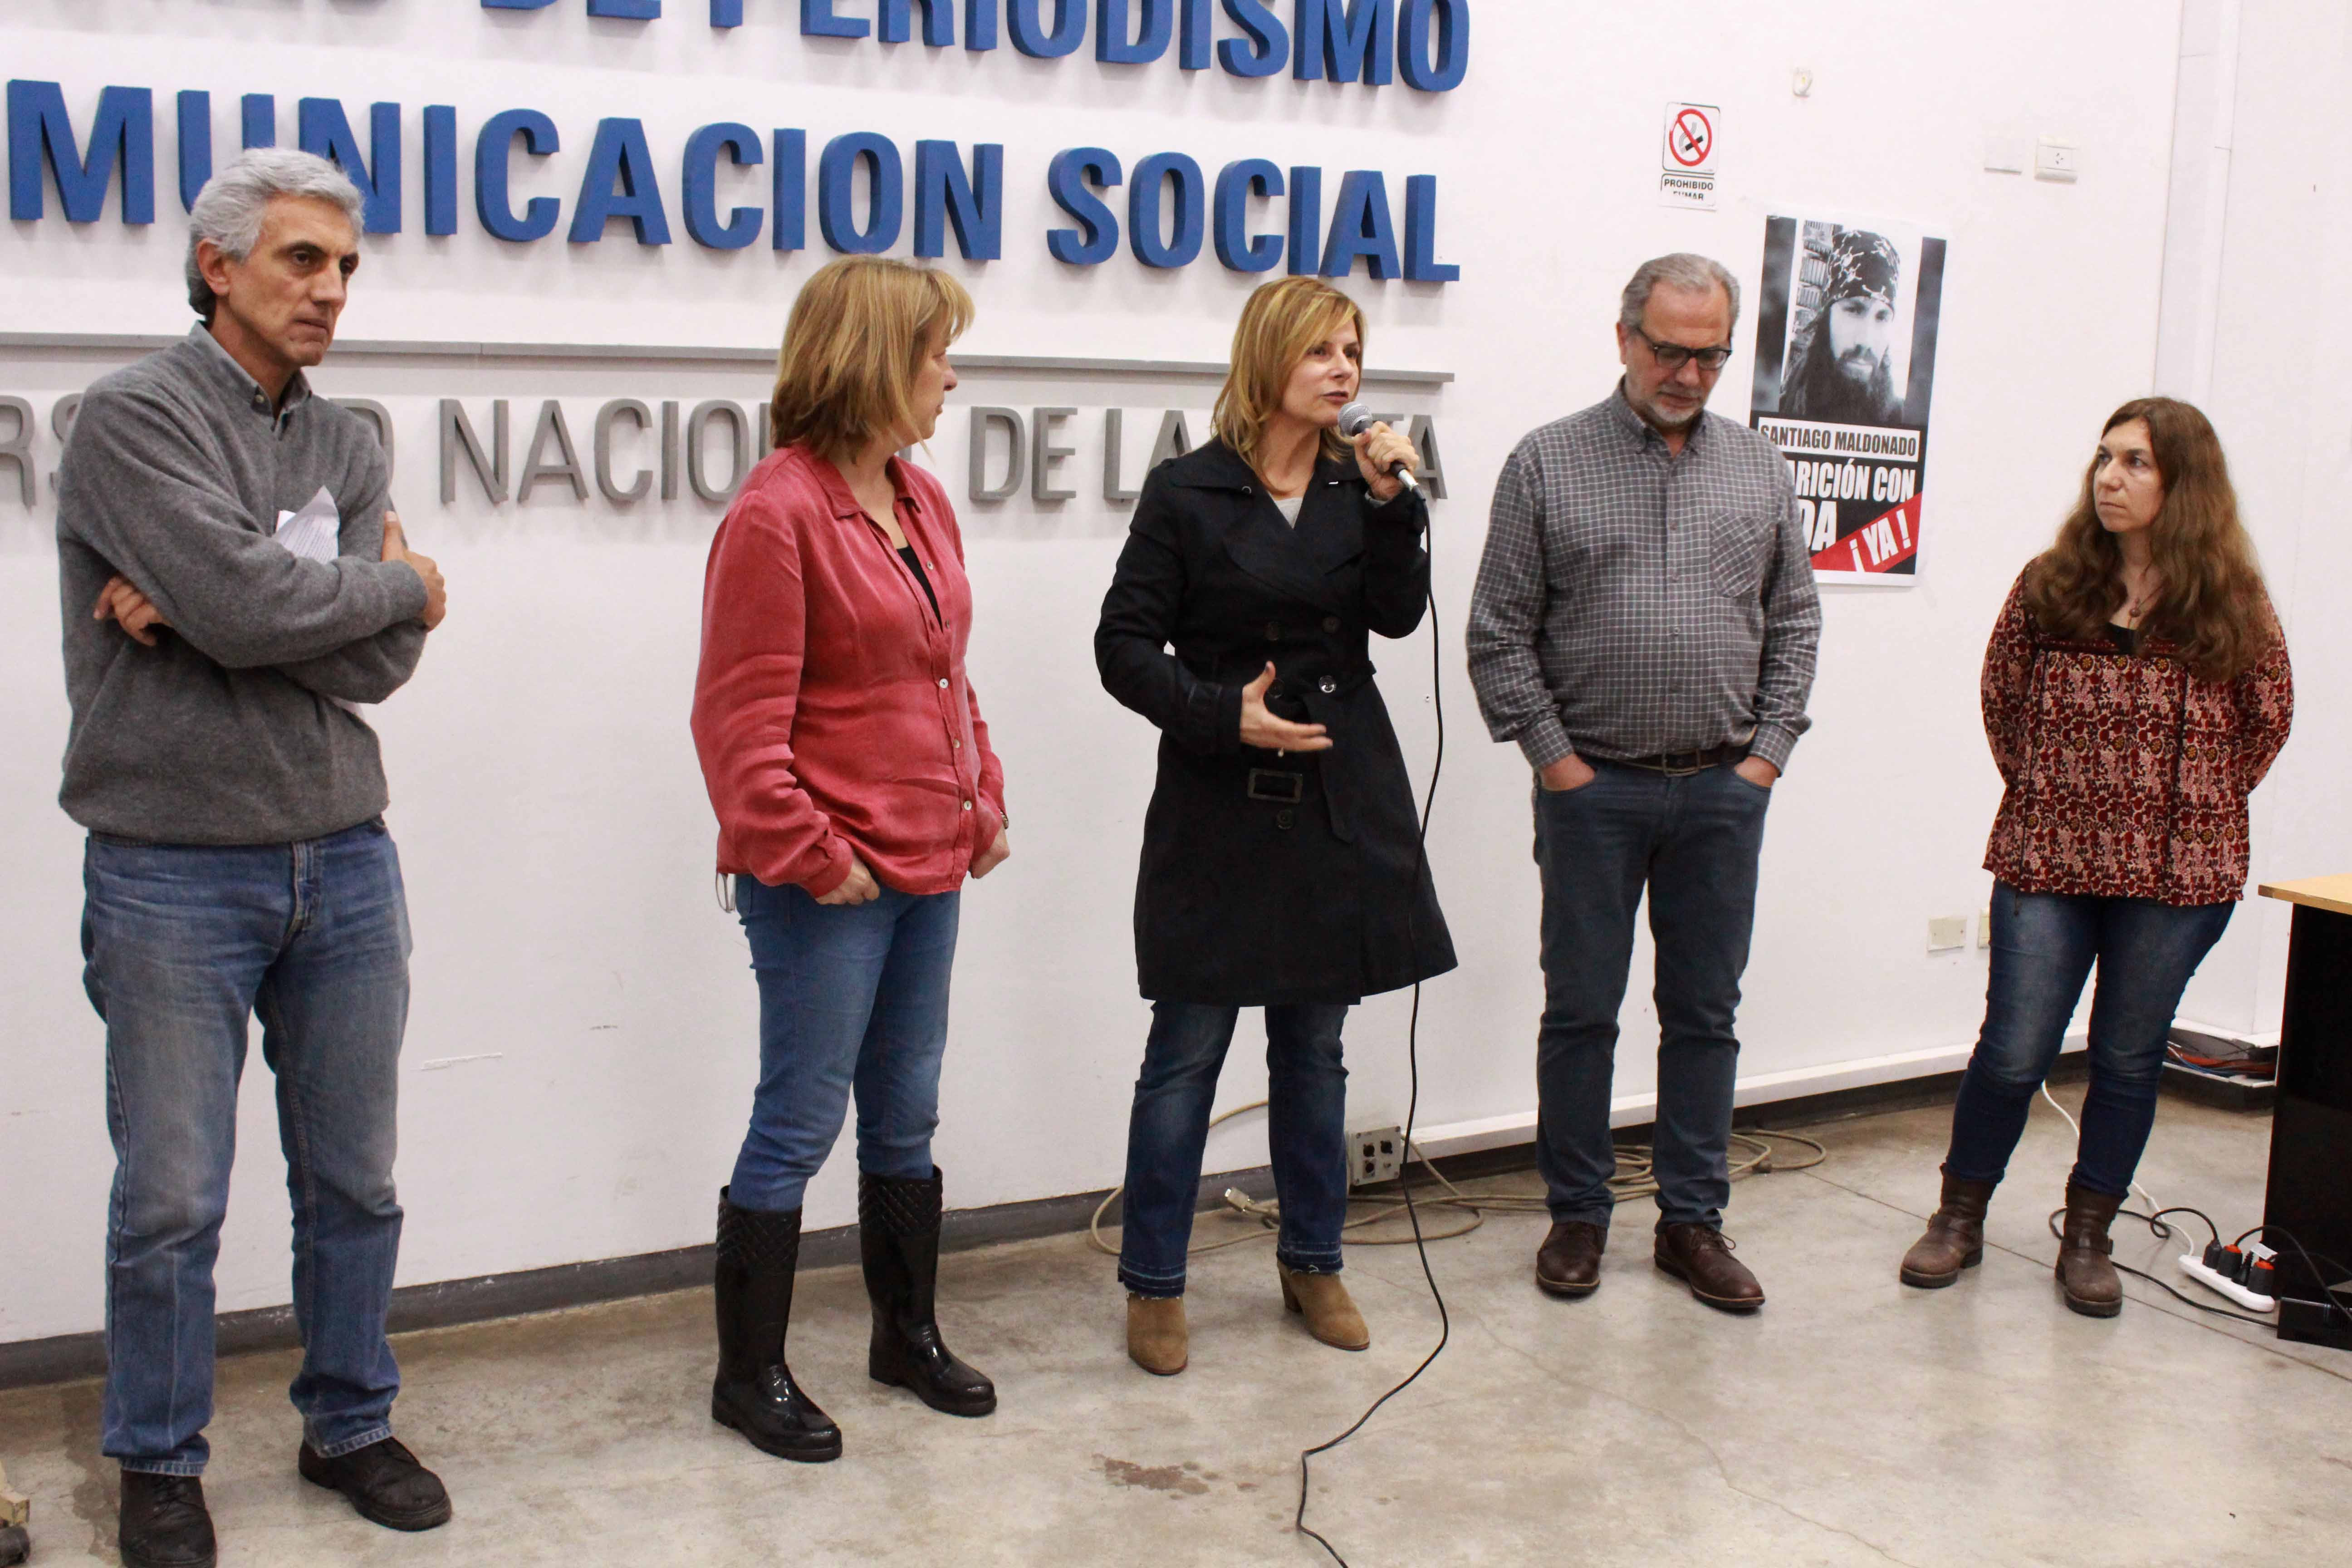 """Florencia llama a los platenses a dar pelea por el """"derecho a la ciudad"""" y contra """"la injusticia urbana"""""""